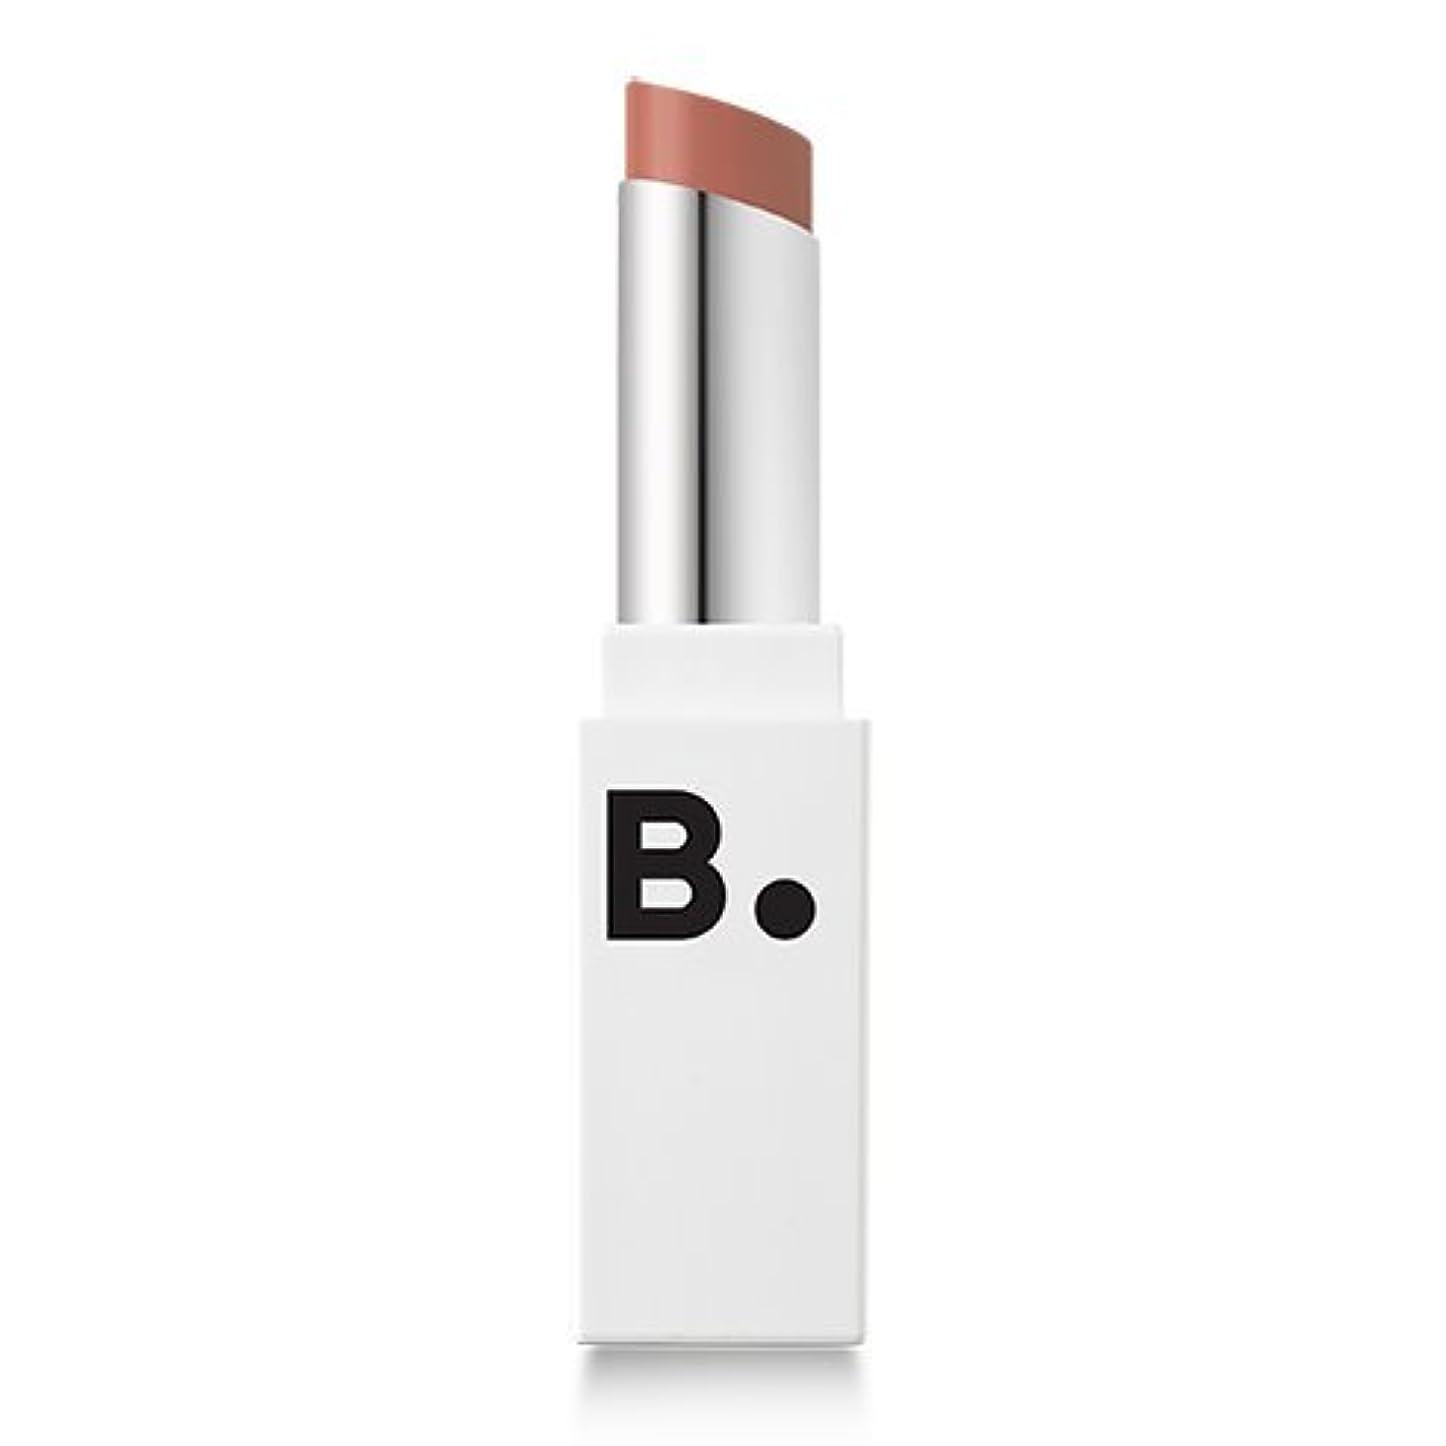 乱用ナチュラル類似性BANILA CO Lip Draw Matte Blast Stick 4.2g/バニラコ リップ ドロー マット ブラスト スティック 4.2g (#MBE01) [並行輸入品]